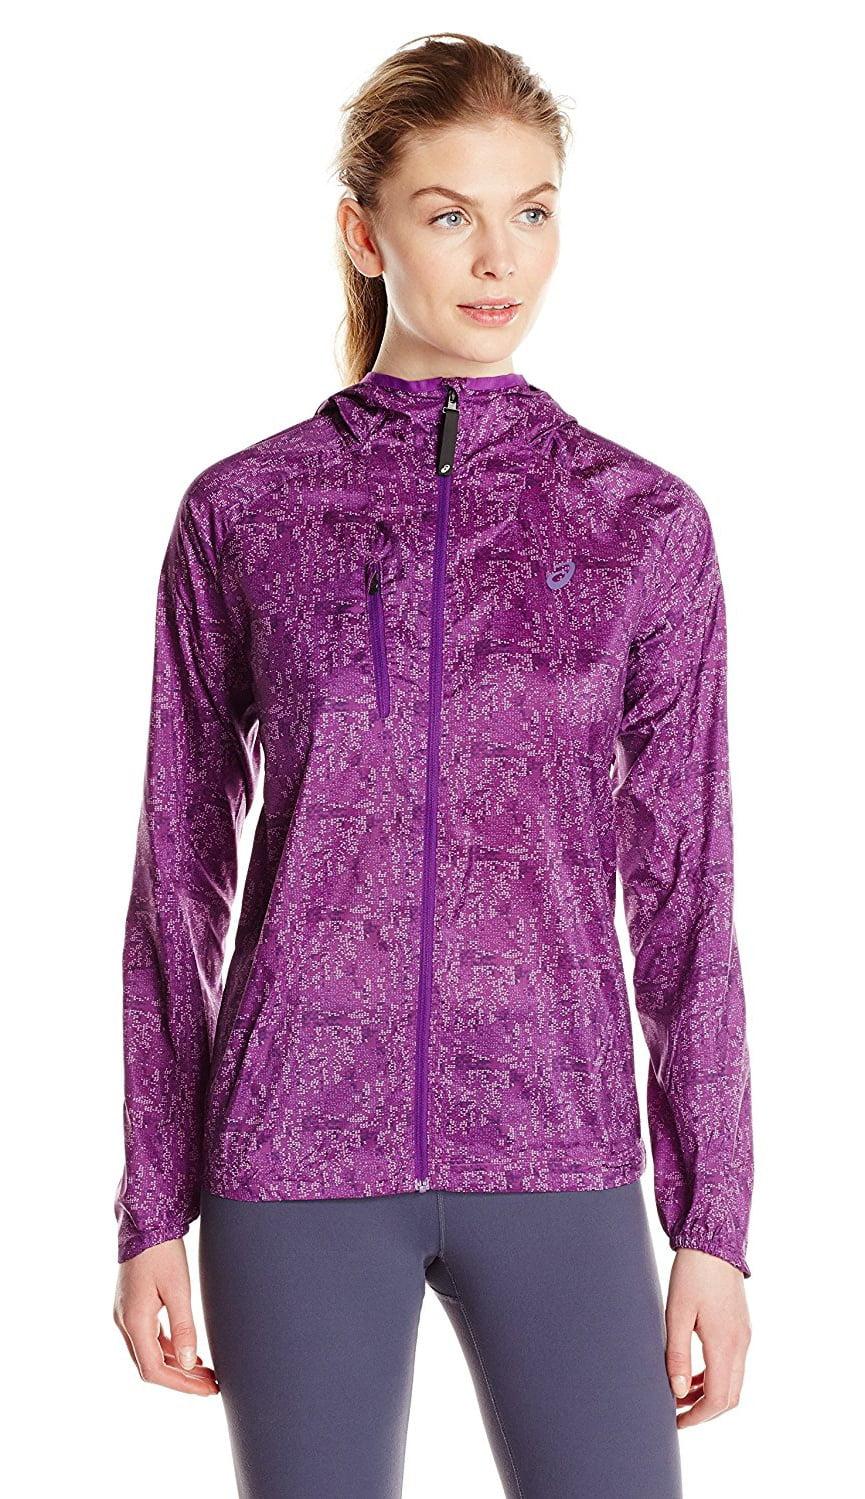 Pasteles Tiza Tremendo  ASICS - ASICS Women's Fujitrail Packable Jacket - Walmart.com - Walmart.com